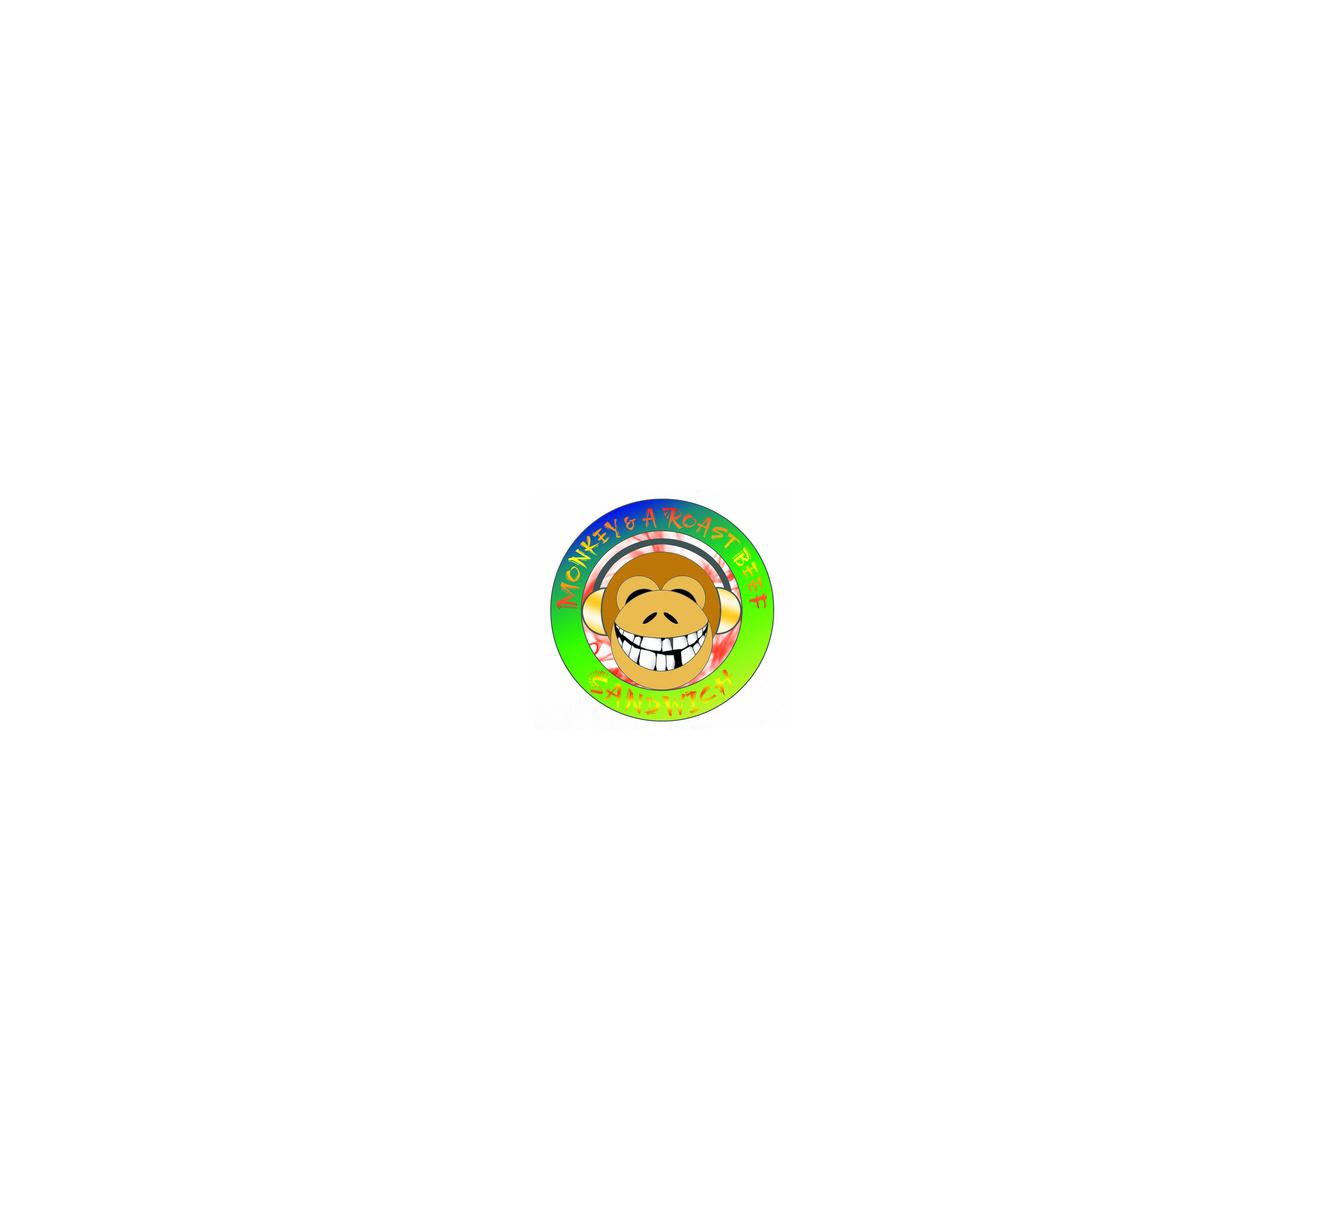 Portrait of Monkey & a Roast Beef Sandwich (MR.B.S.)